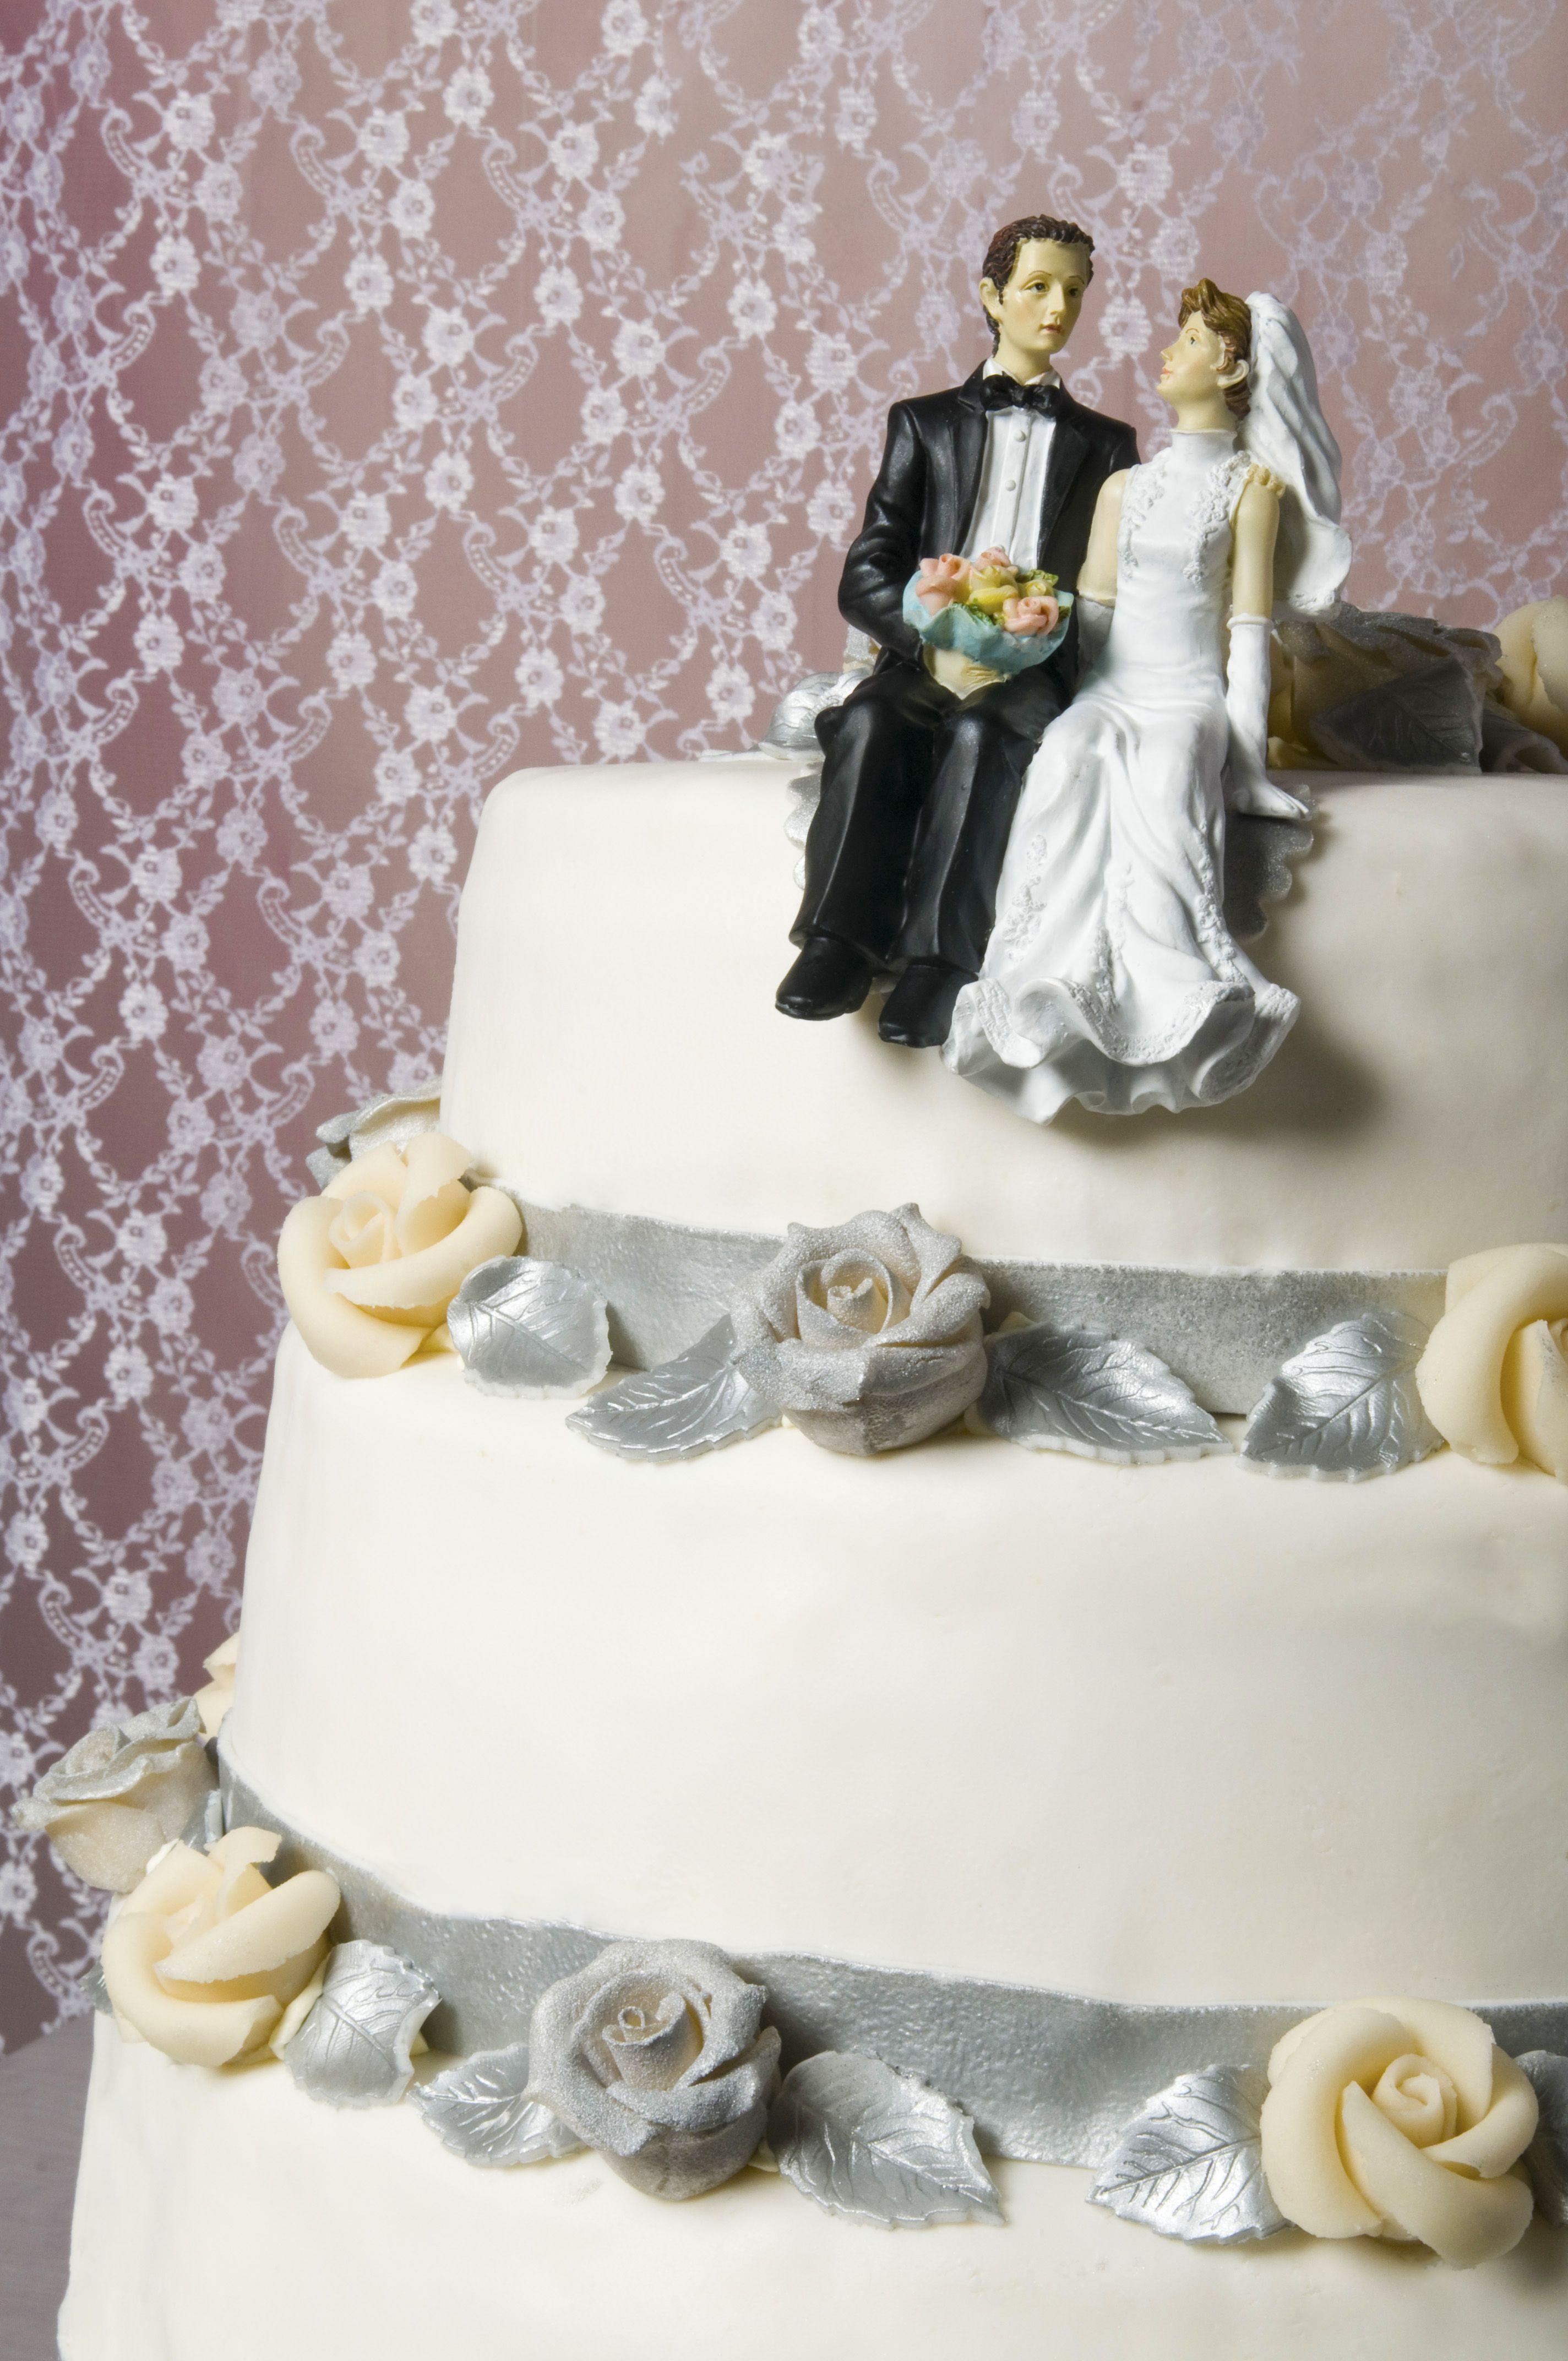 van maanen taart Bruidstaart gemaakt door Meesterbakker van Maanen. Wij maken de  van maanen taart